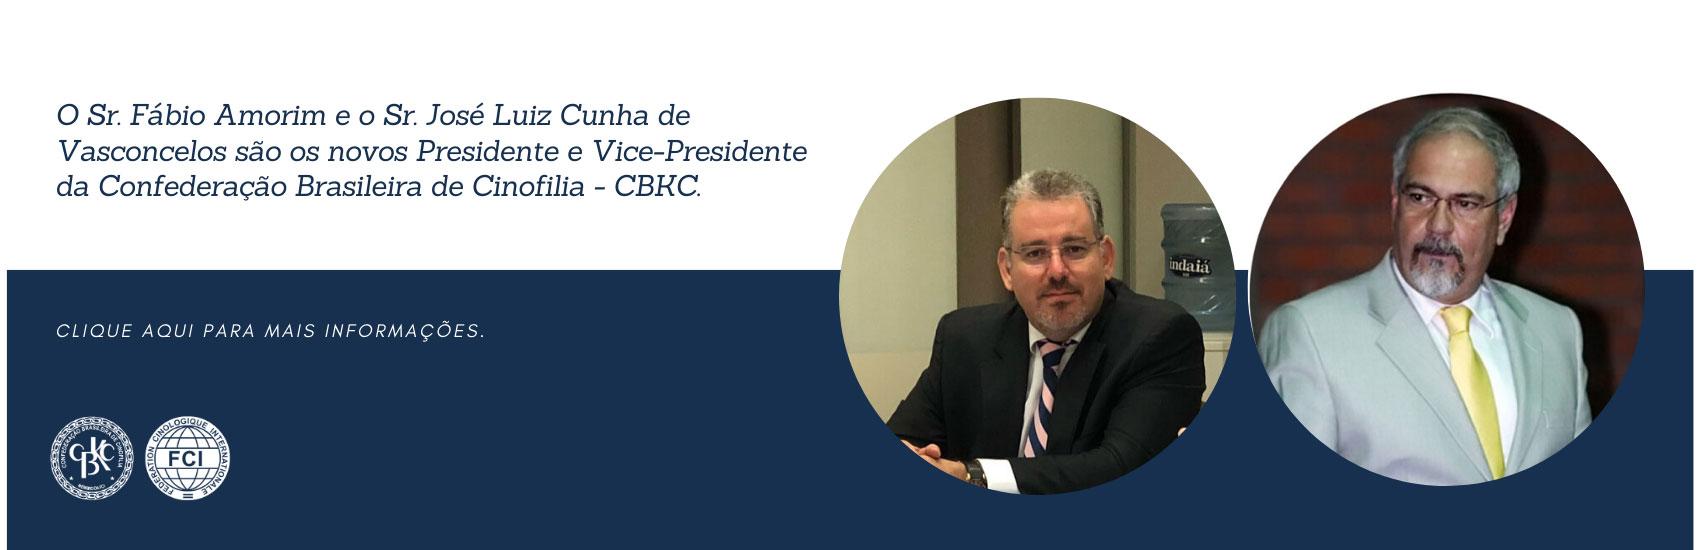 CBKC - Nova Presidencia CBKC